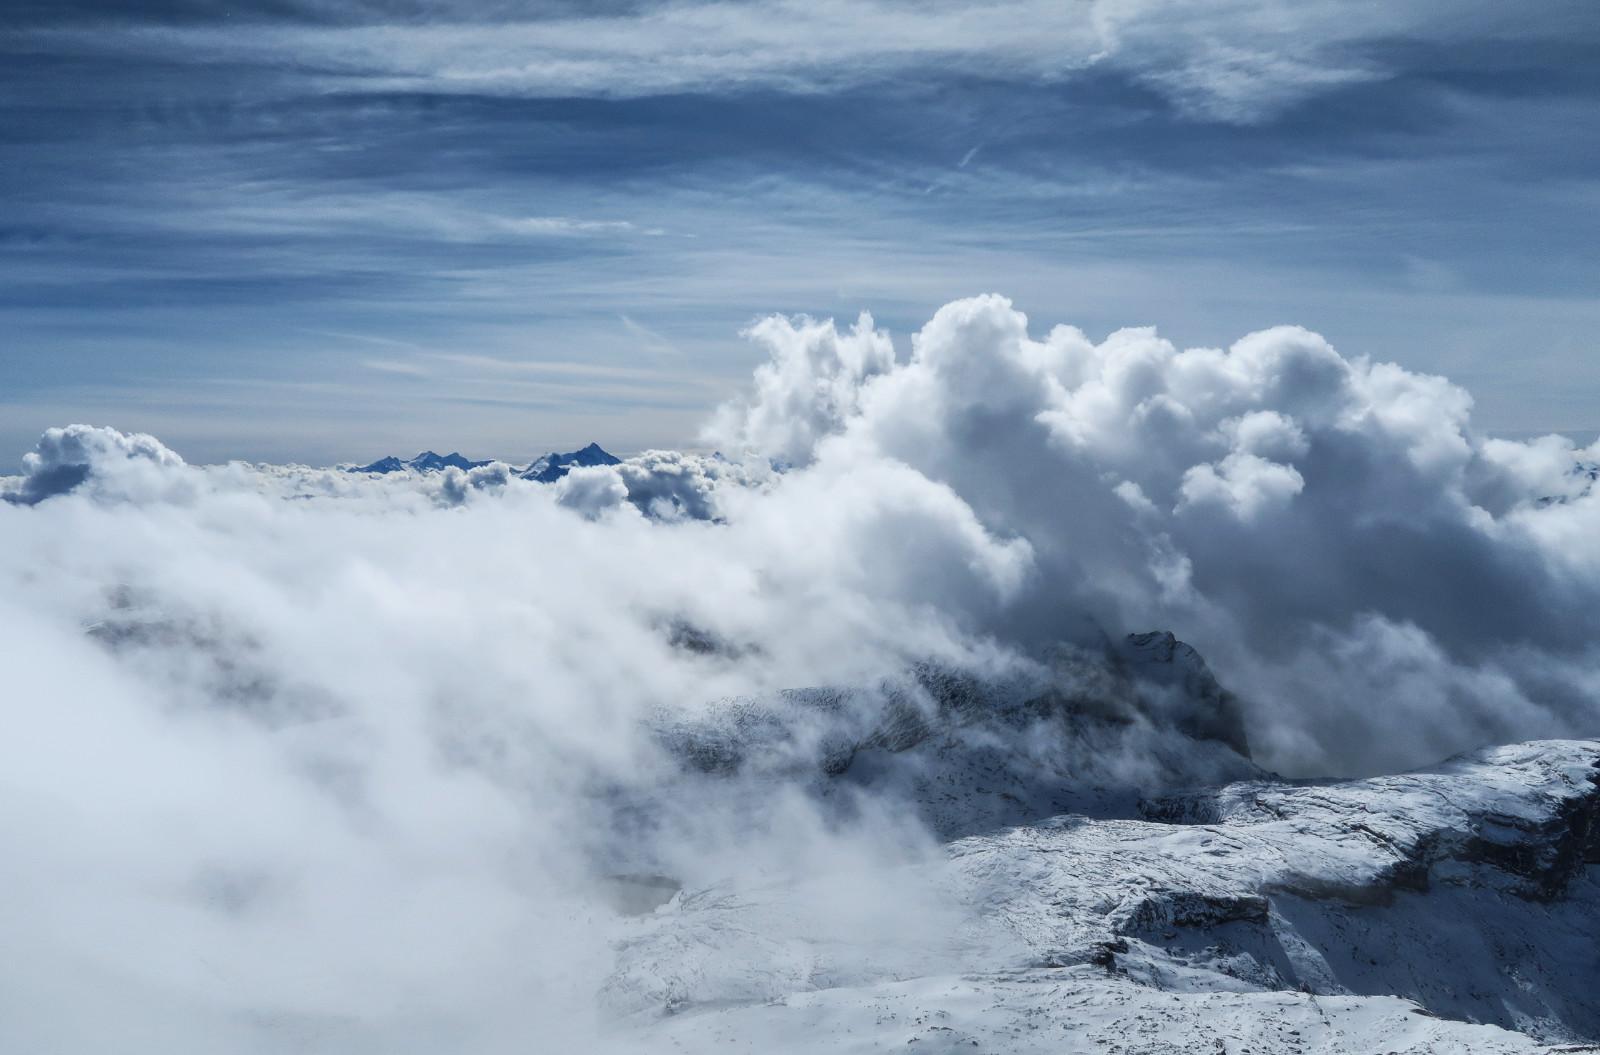 Beim Abstieg steigen nicht nur die Wolken, sondern auch die Temperaturen beträchtlich an!